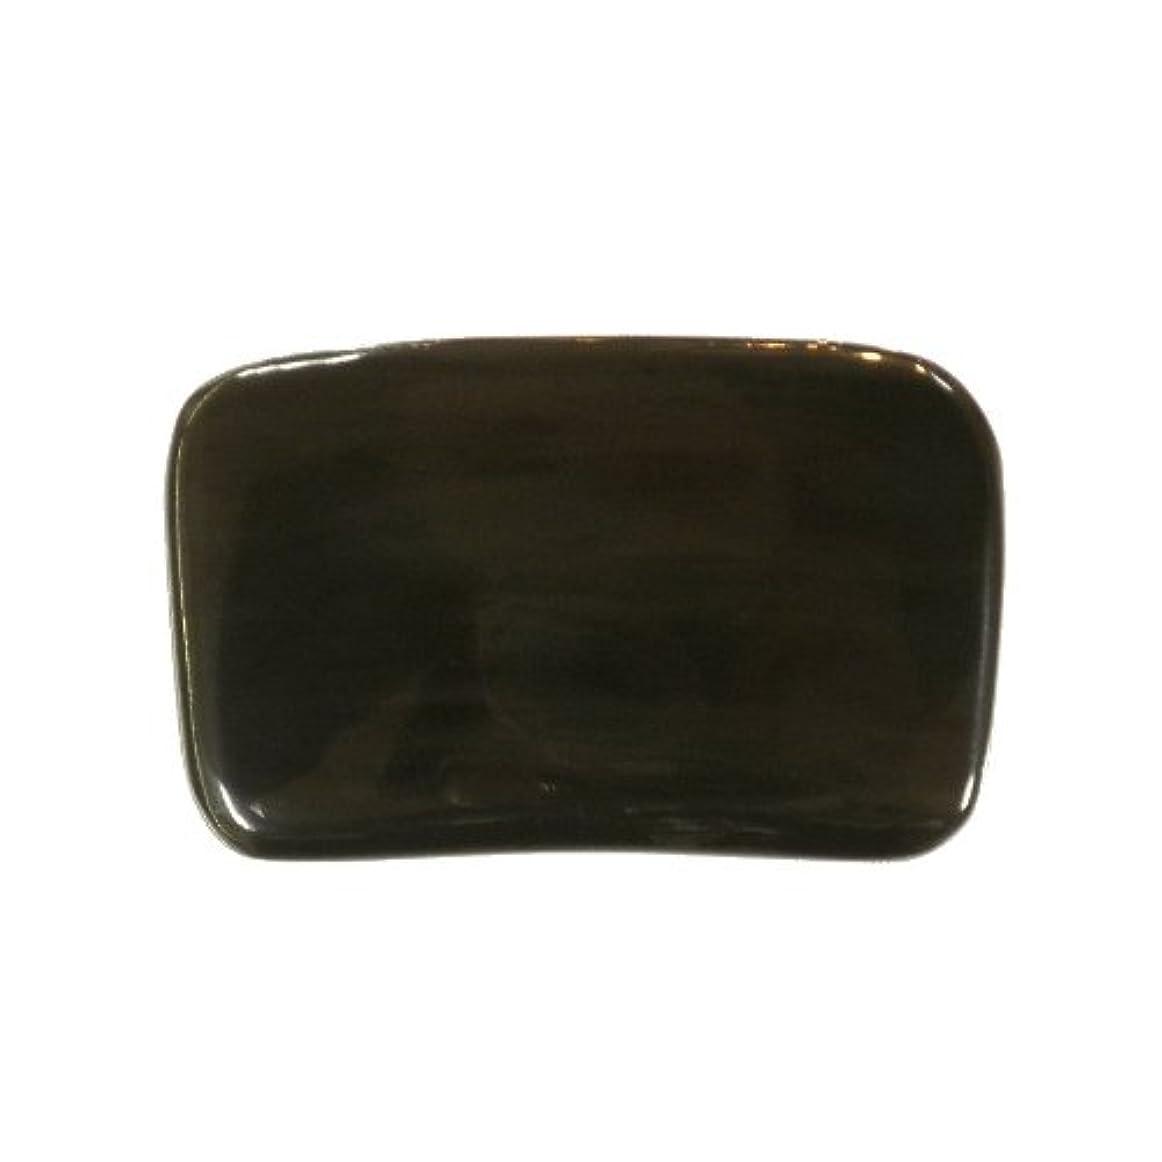 に付ける広いさまようかっさ プレート 厚さが選べる ヤクの角(水牛の角) EHE267SP 長方形小 特級品 特厚(8ミリ程度[100円加算])